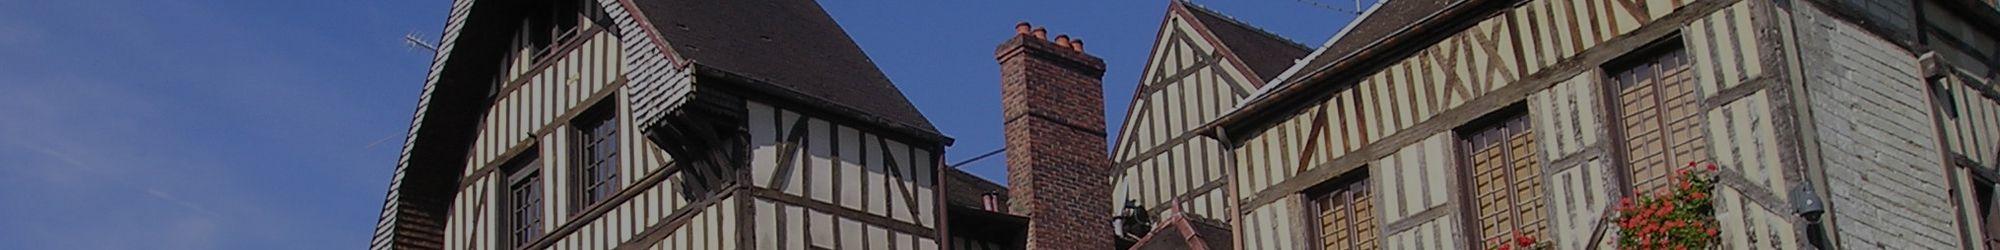 Maisons à pan de bois à Troyes